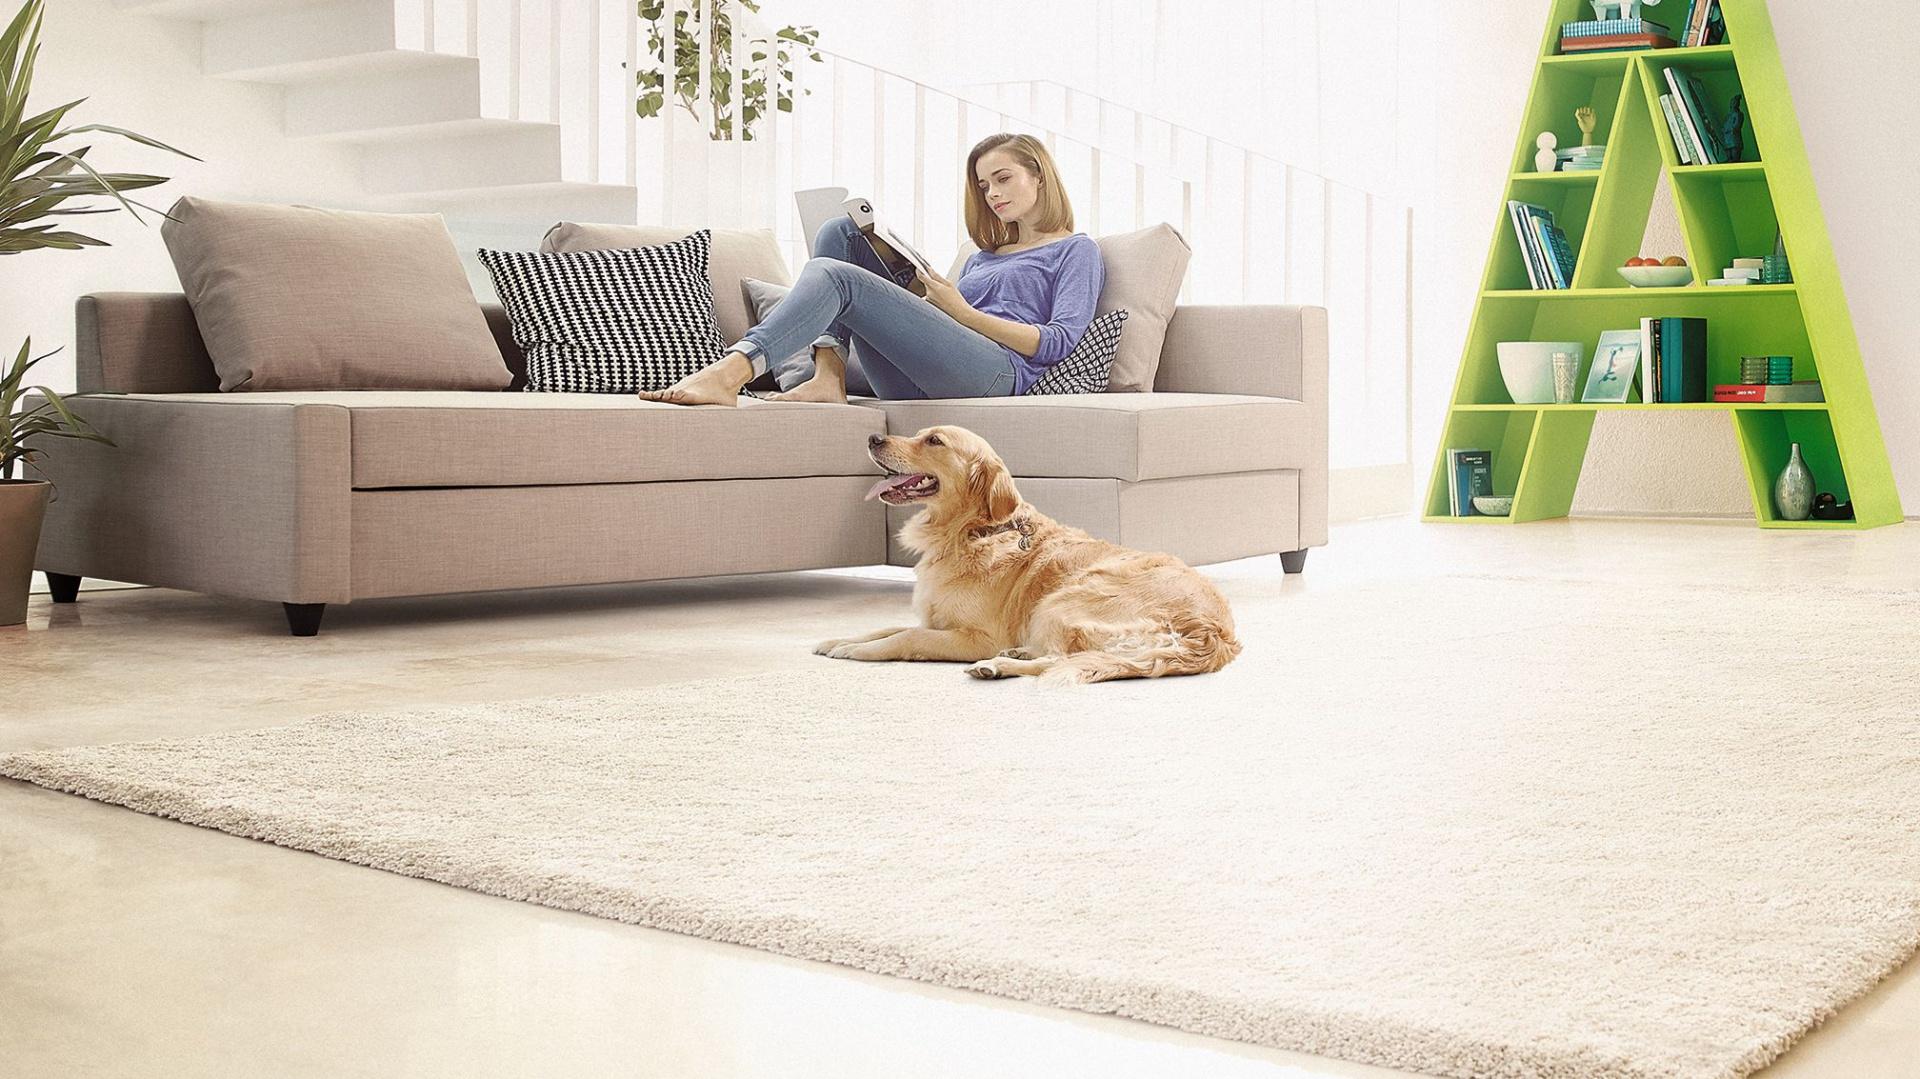 Sprzątanie domów, w których mieszkają psy lub koty stanie się zdecydowanie szybsze i skuteczniejsze z odpowiednimi odkurzaczami. Fot. Philips